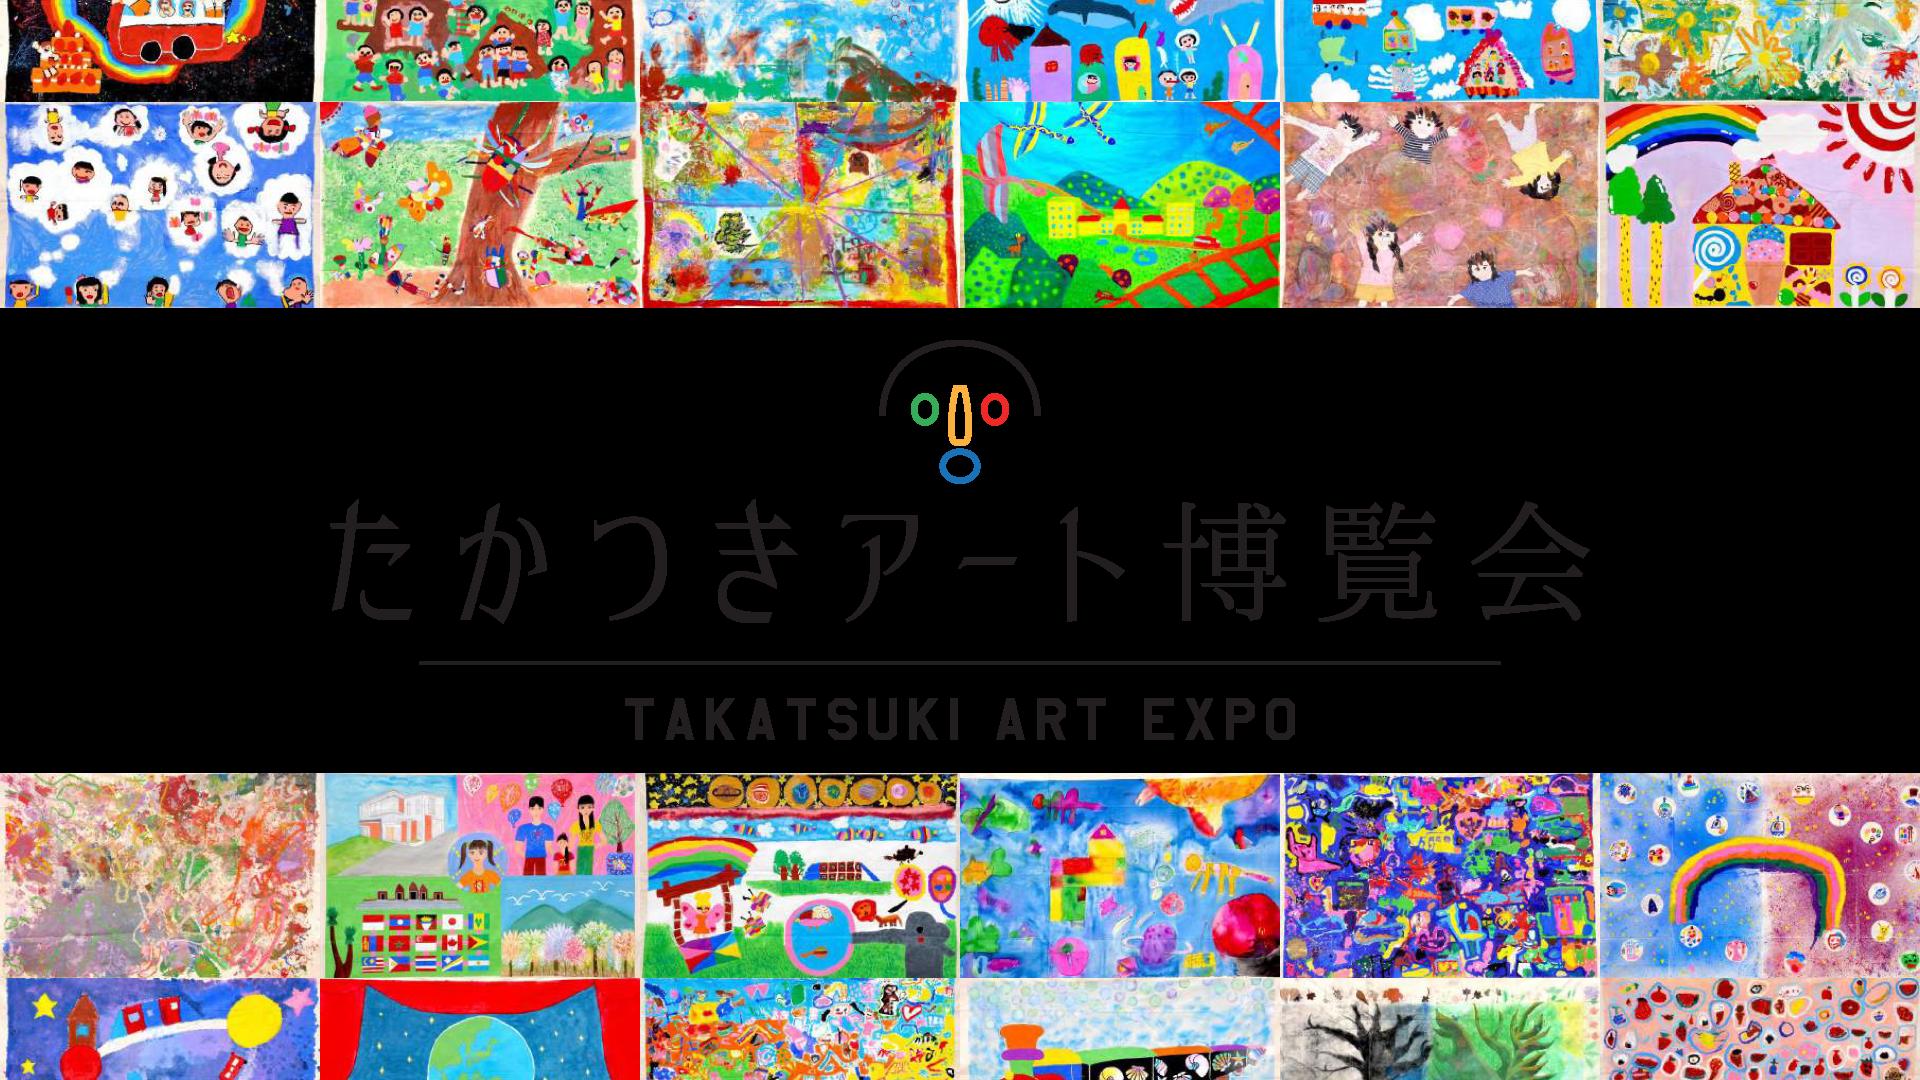 たかつきアート博覧会